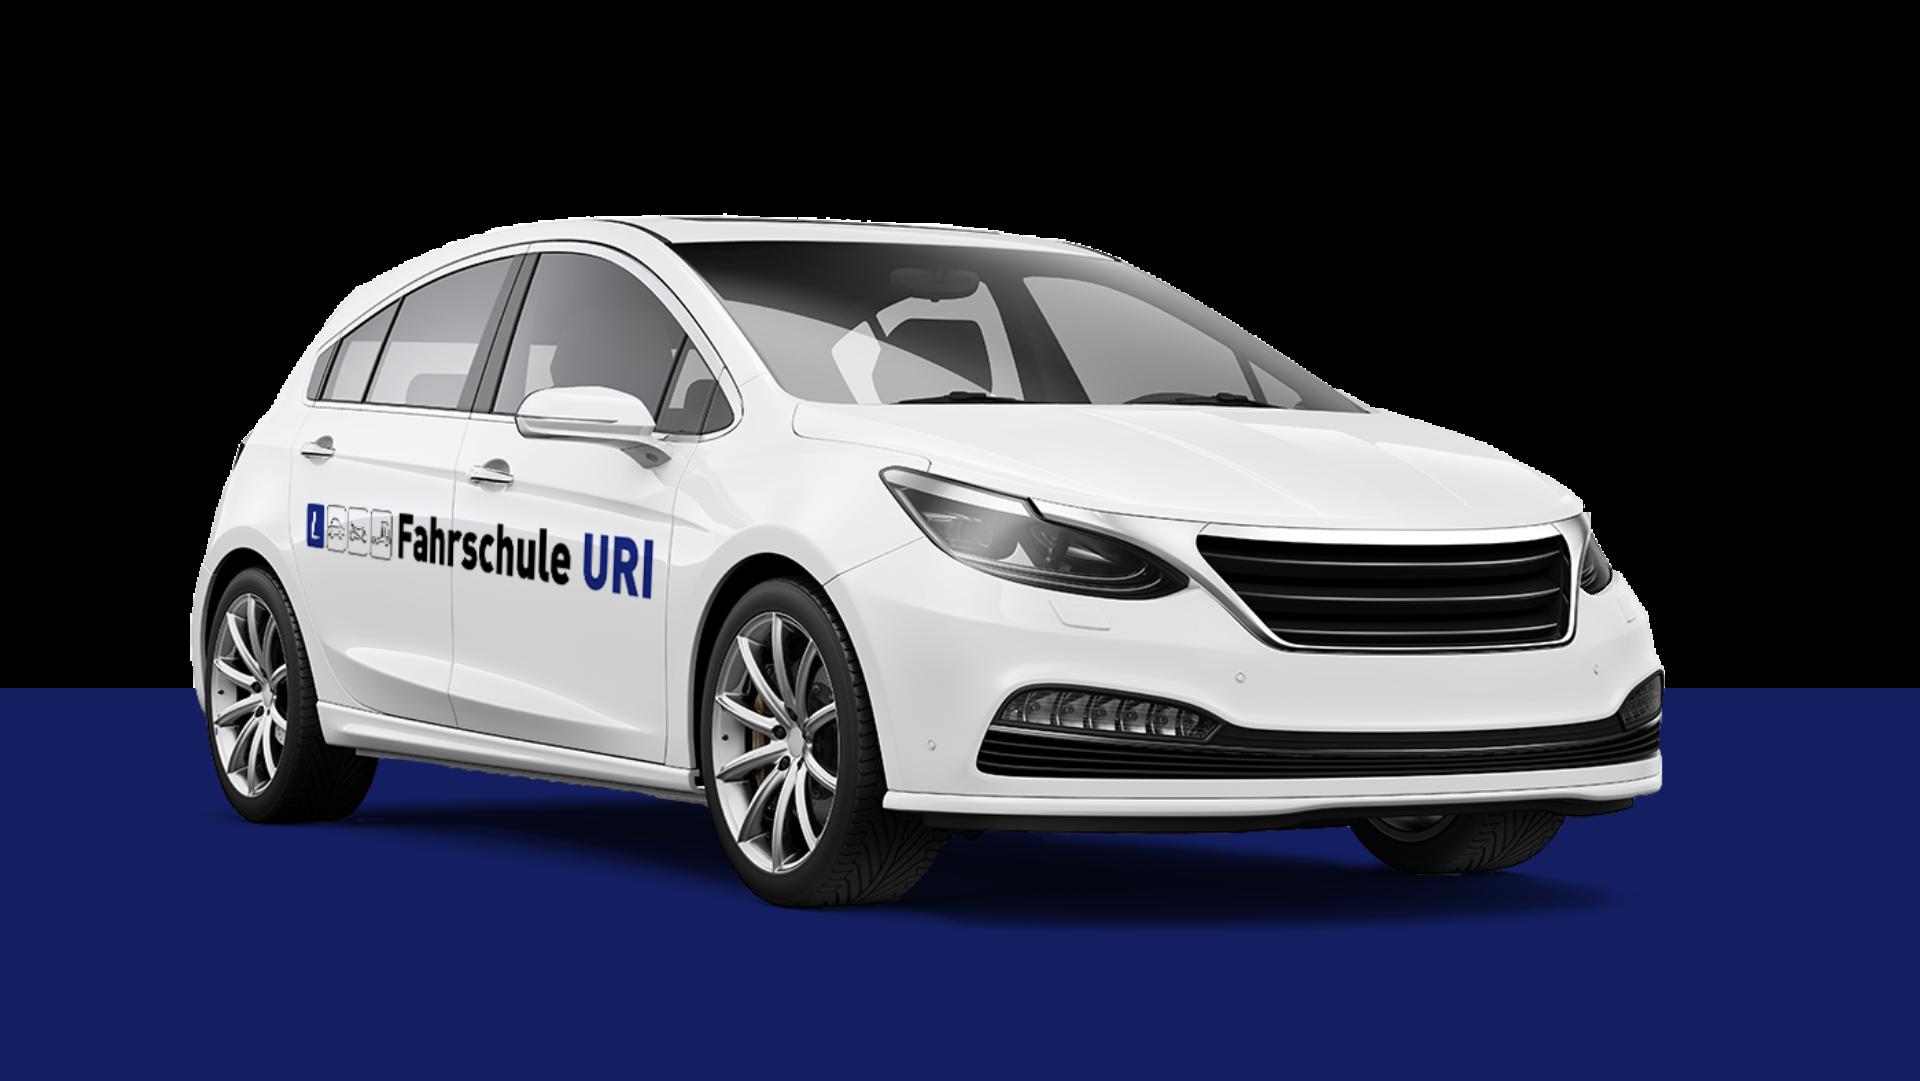 Fahrschule Uri 2020 Startbilder Auto